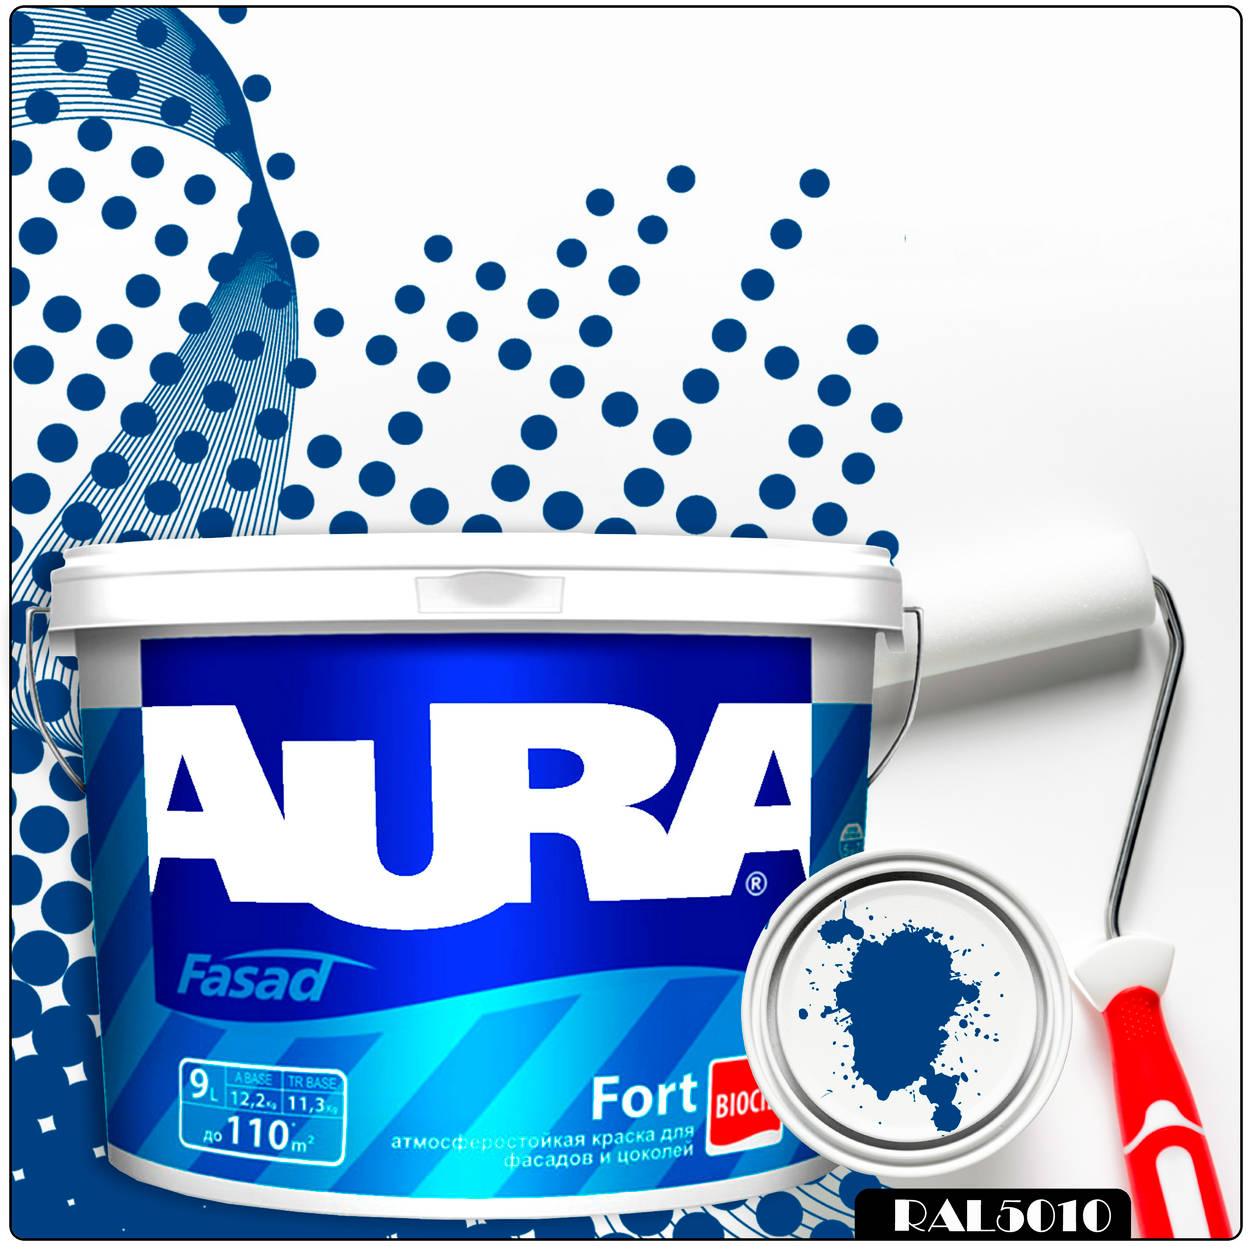 Фото 10 - Краска Aura Fasad Fort, RAL 5010 Горечавково-синий, латексная, матовая, для фасада и цоколей, 9л, Аура.